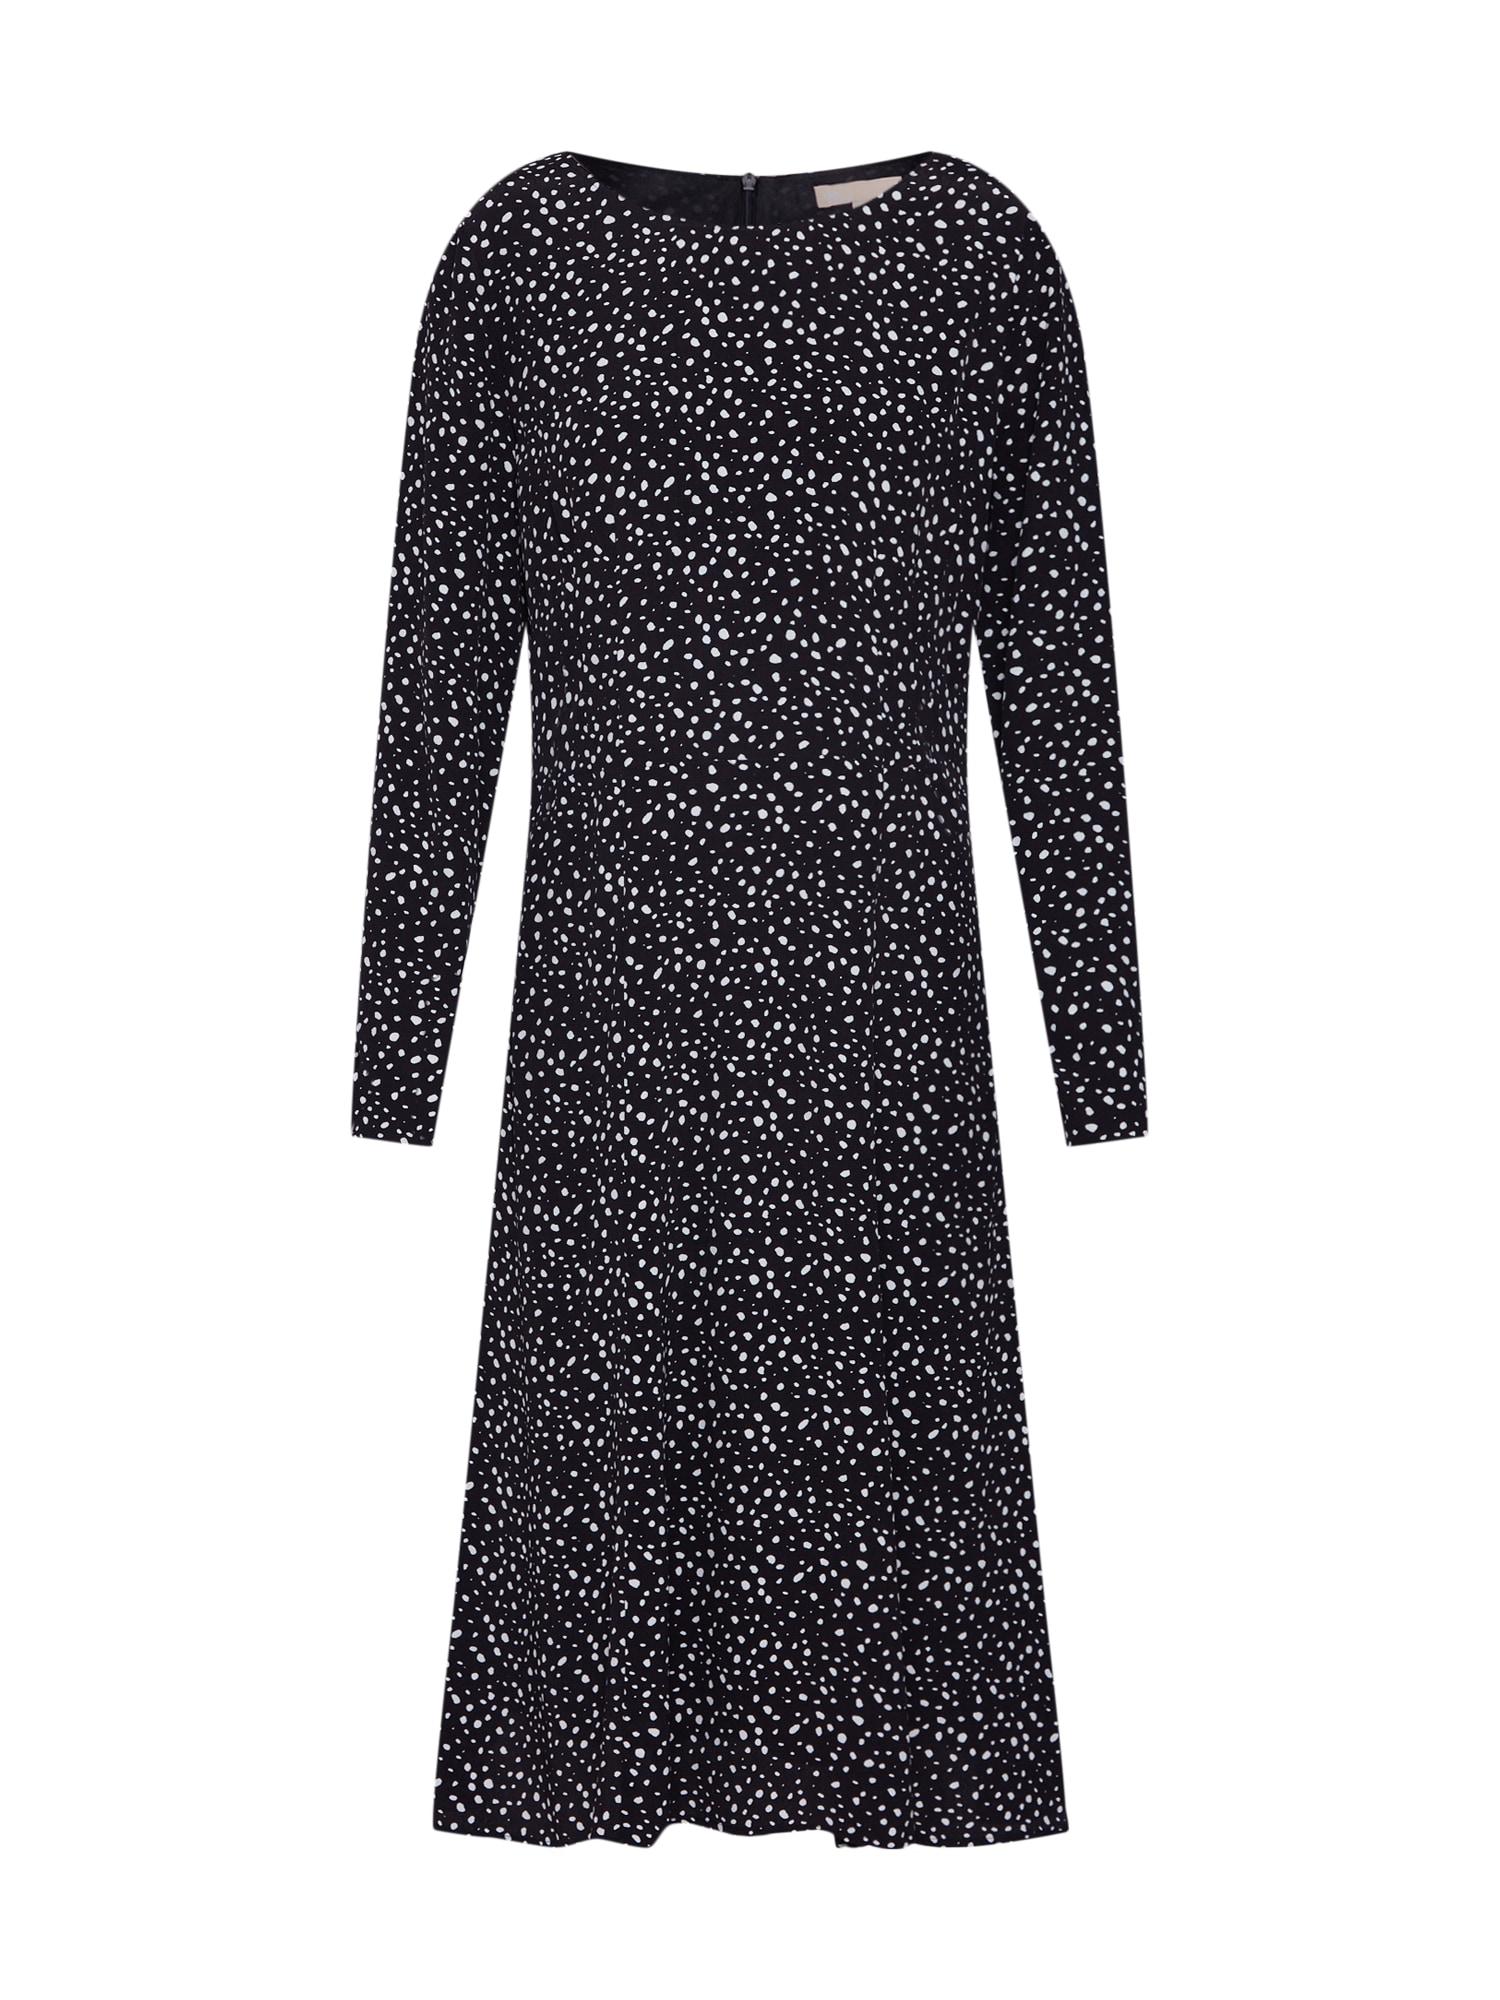 Šaty černá bílá Talkabout